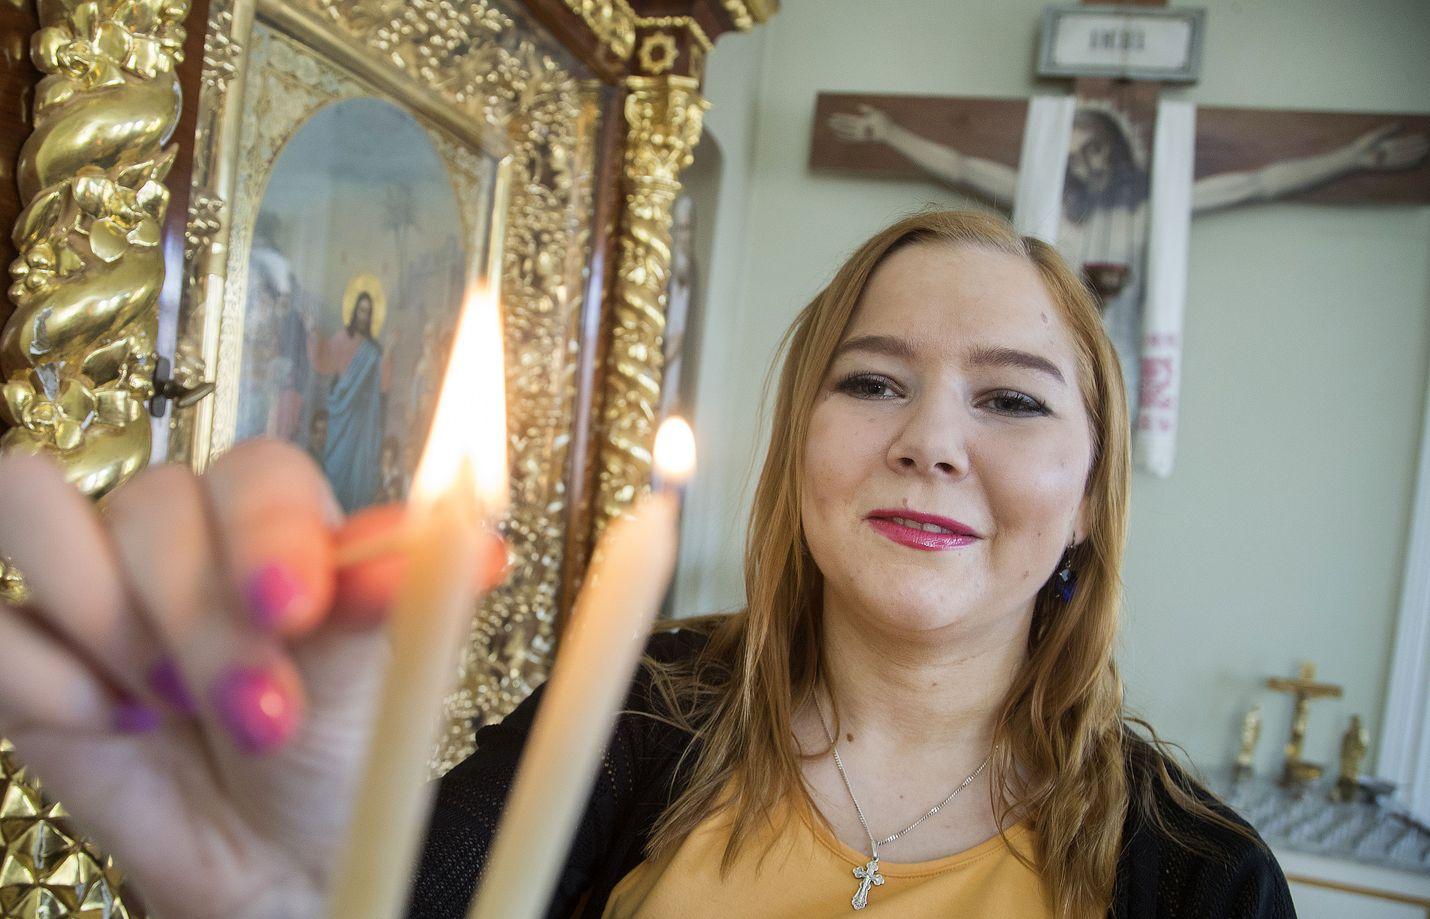 Riikka Uoti aikoo käydä kirkossa pääsiäisenä. Hän toteaa, ettei hän ole säännöllinen kirkossakävijä, vaikka pitääkin ortodoksisesta jumalanpalveluksesta.